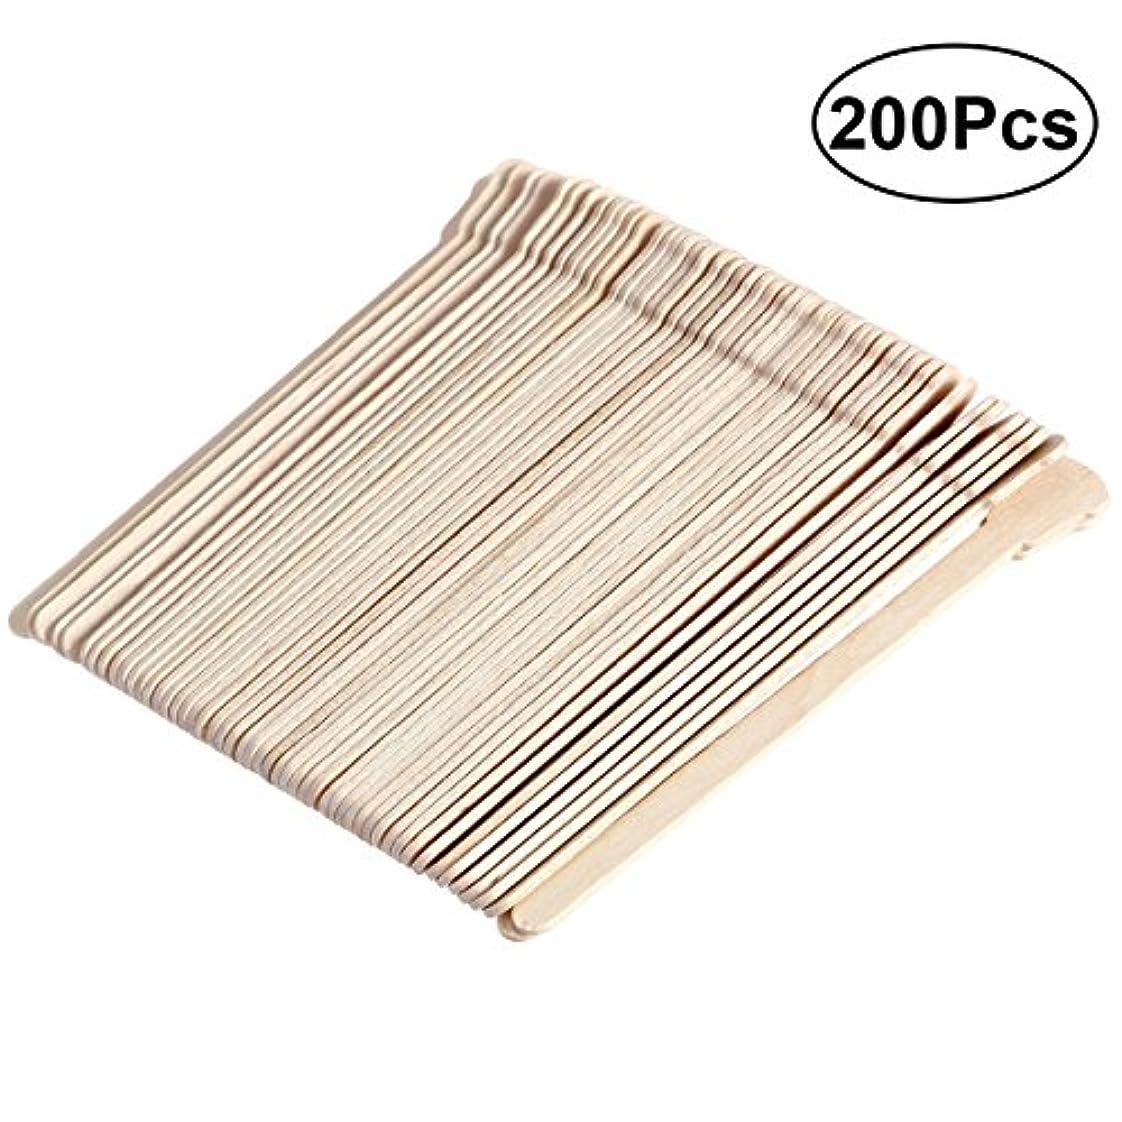 設置一節展示会SUPVOX 200ピース木製ワックススティックフェイス眉毛ワックスへら脱毛(オリジナル木製色)